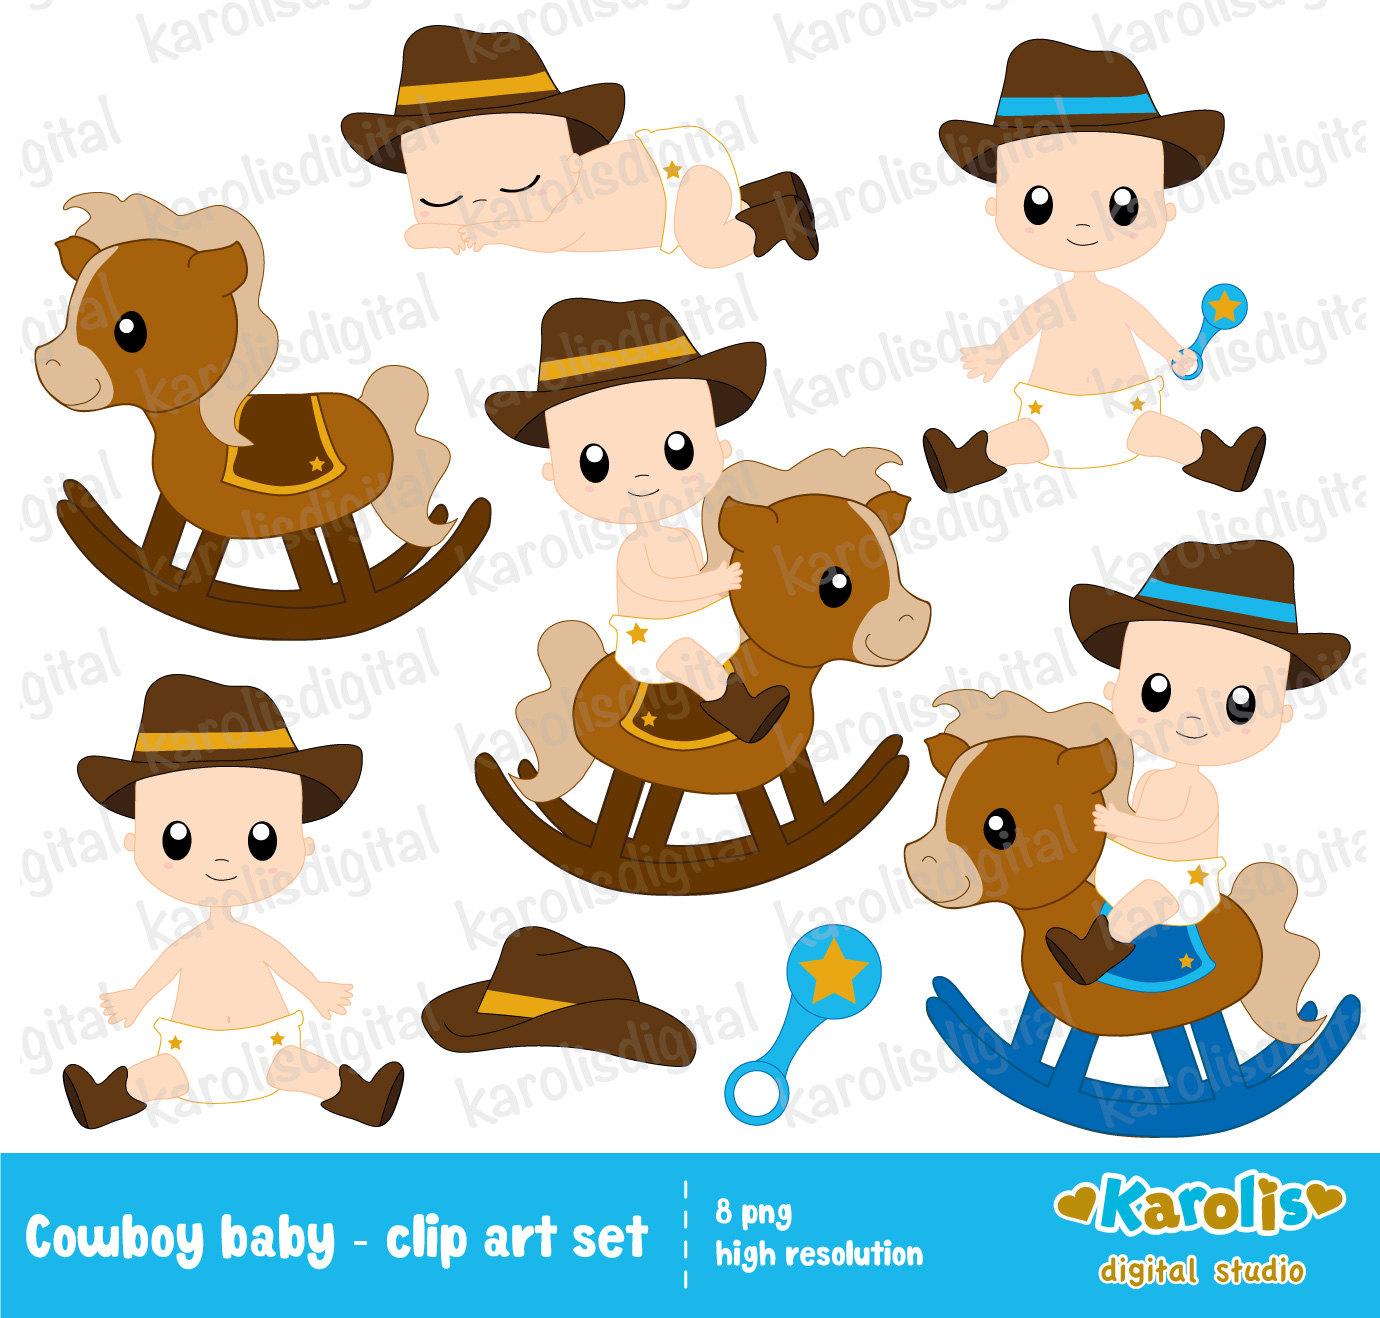 Cowboy Baby Boy Clip Art free image.